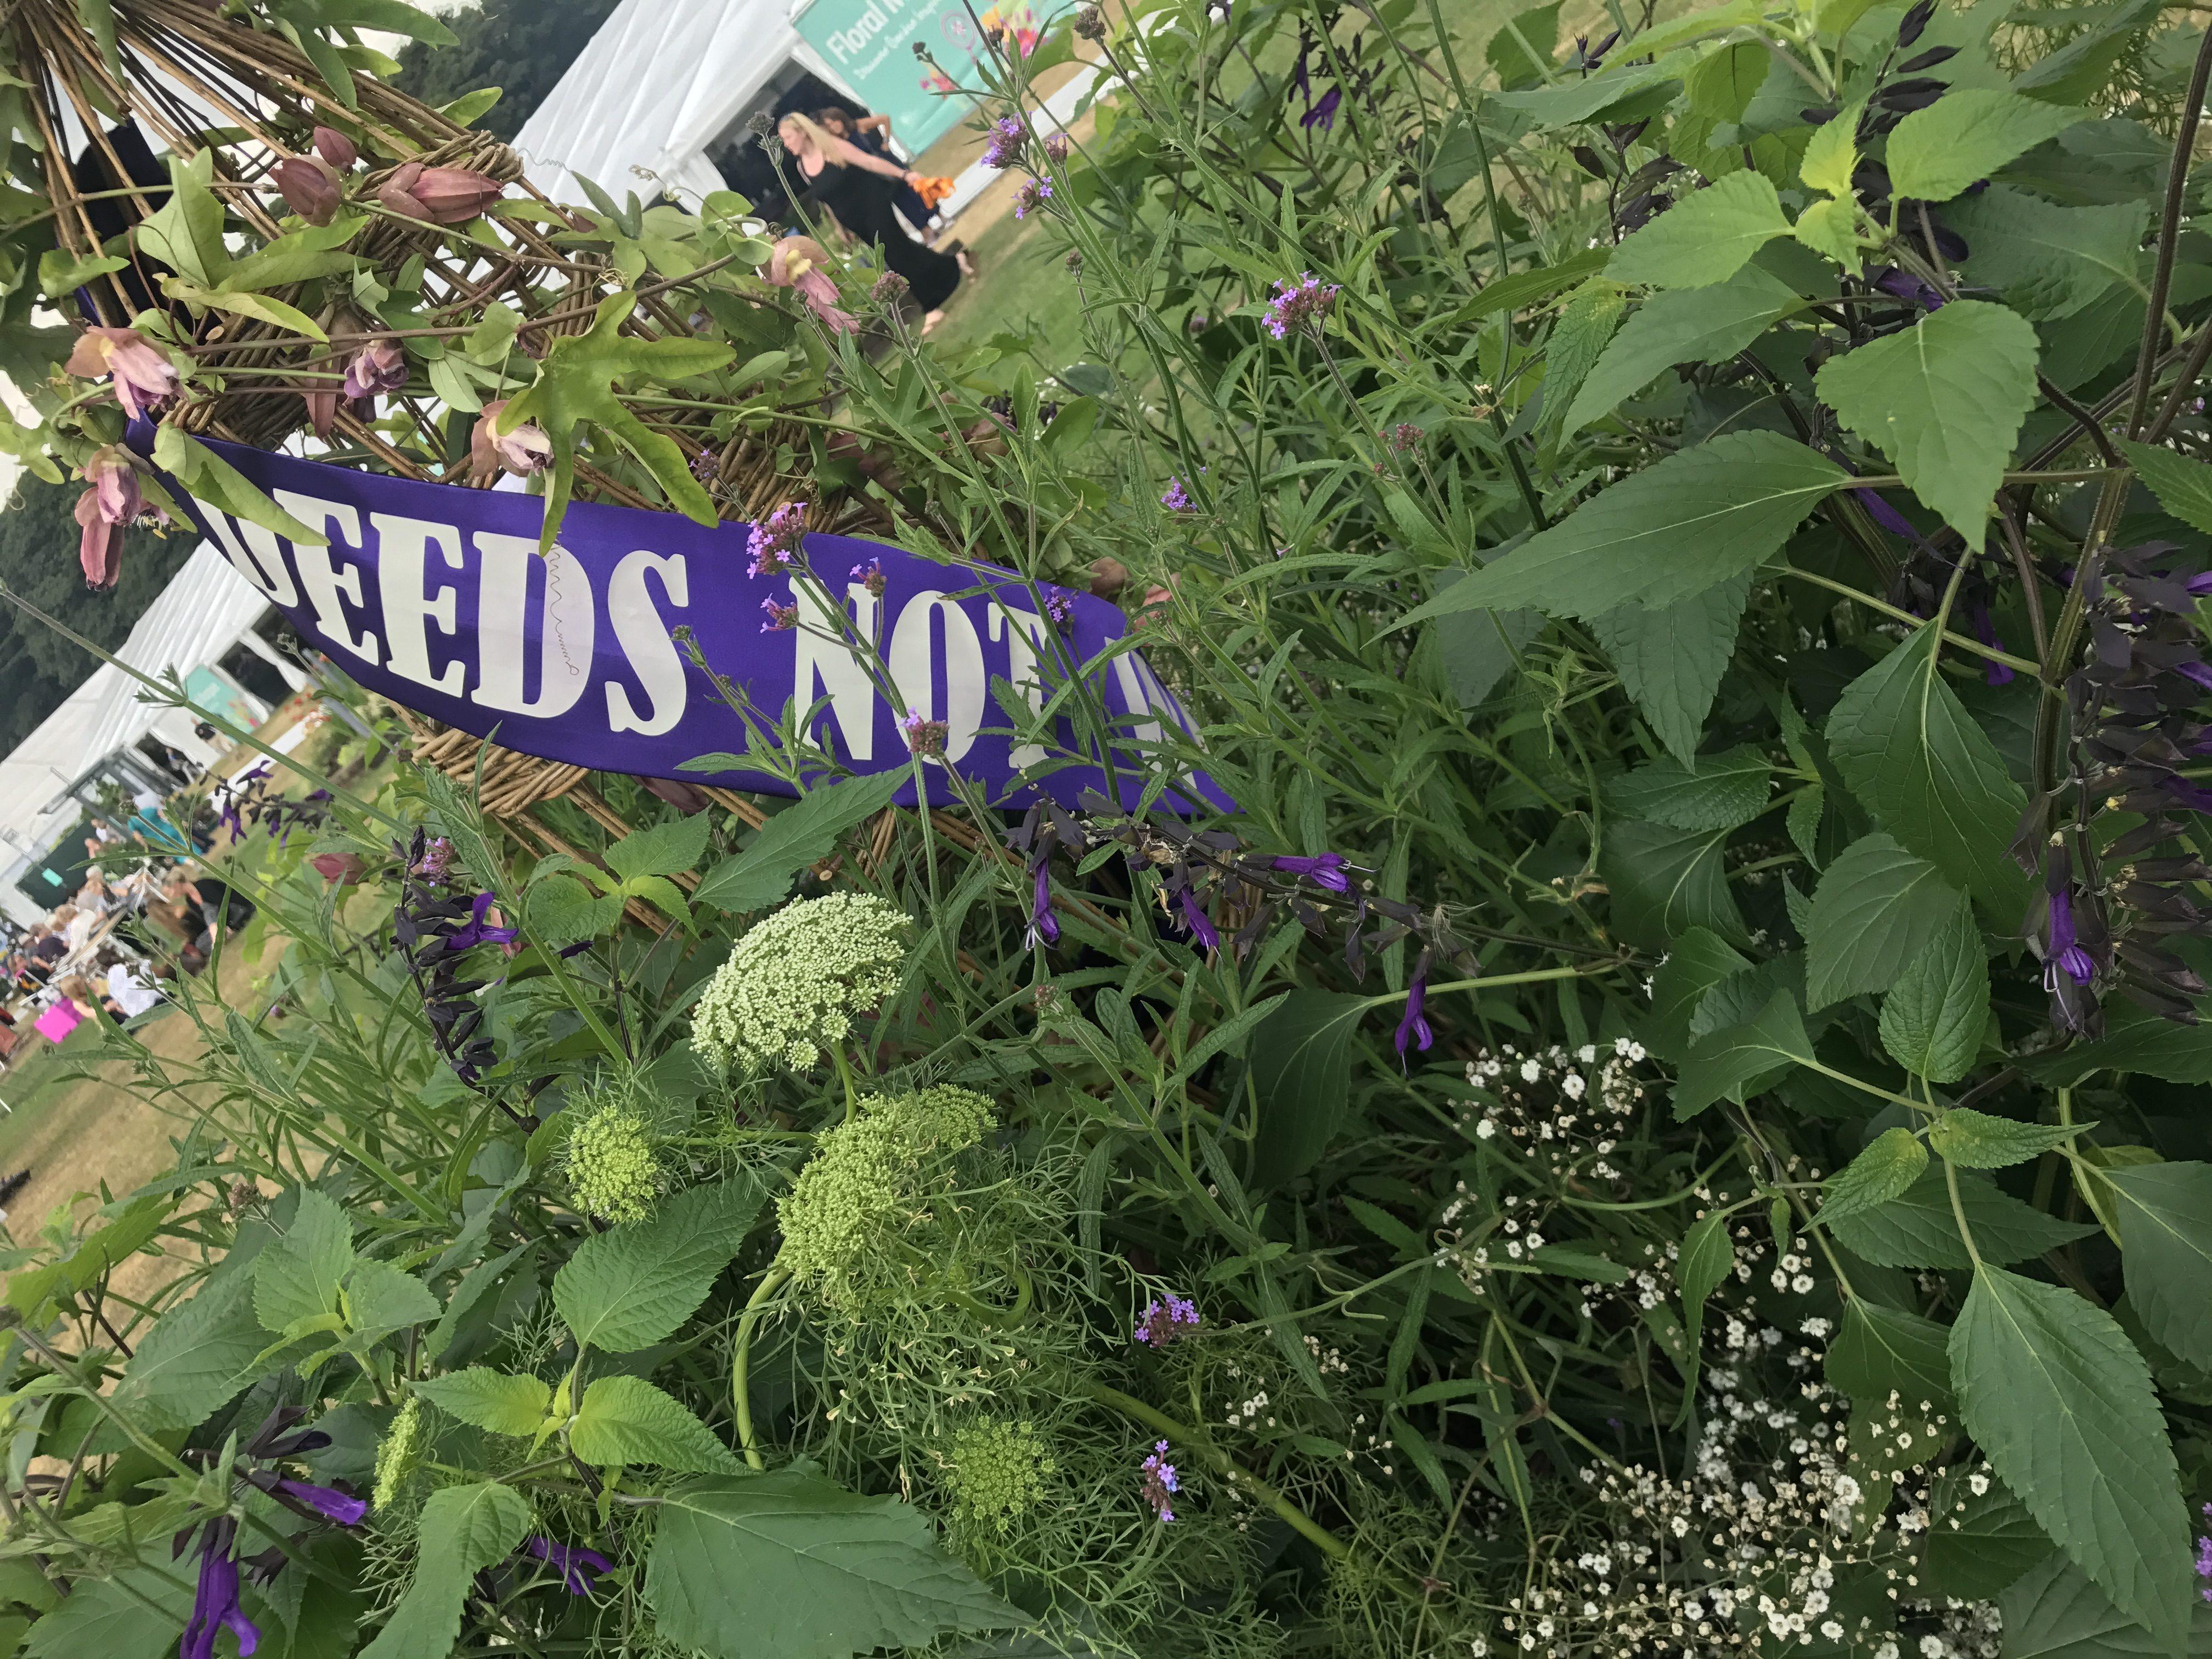 Deeds Not Words sash around Passiflora 'Amethyst' obelisk